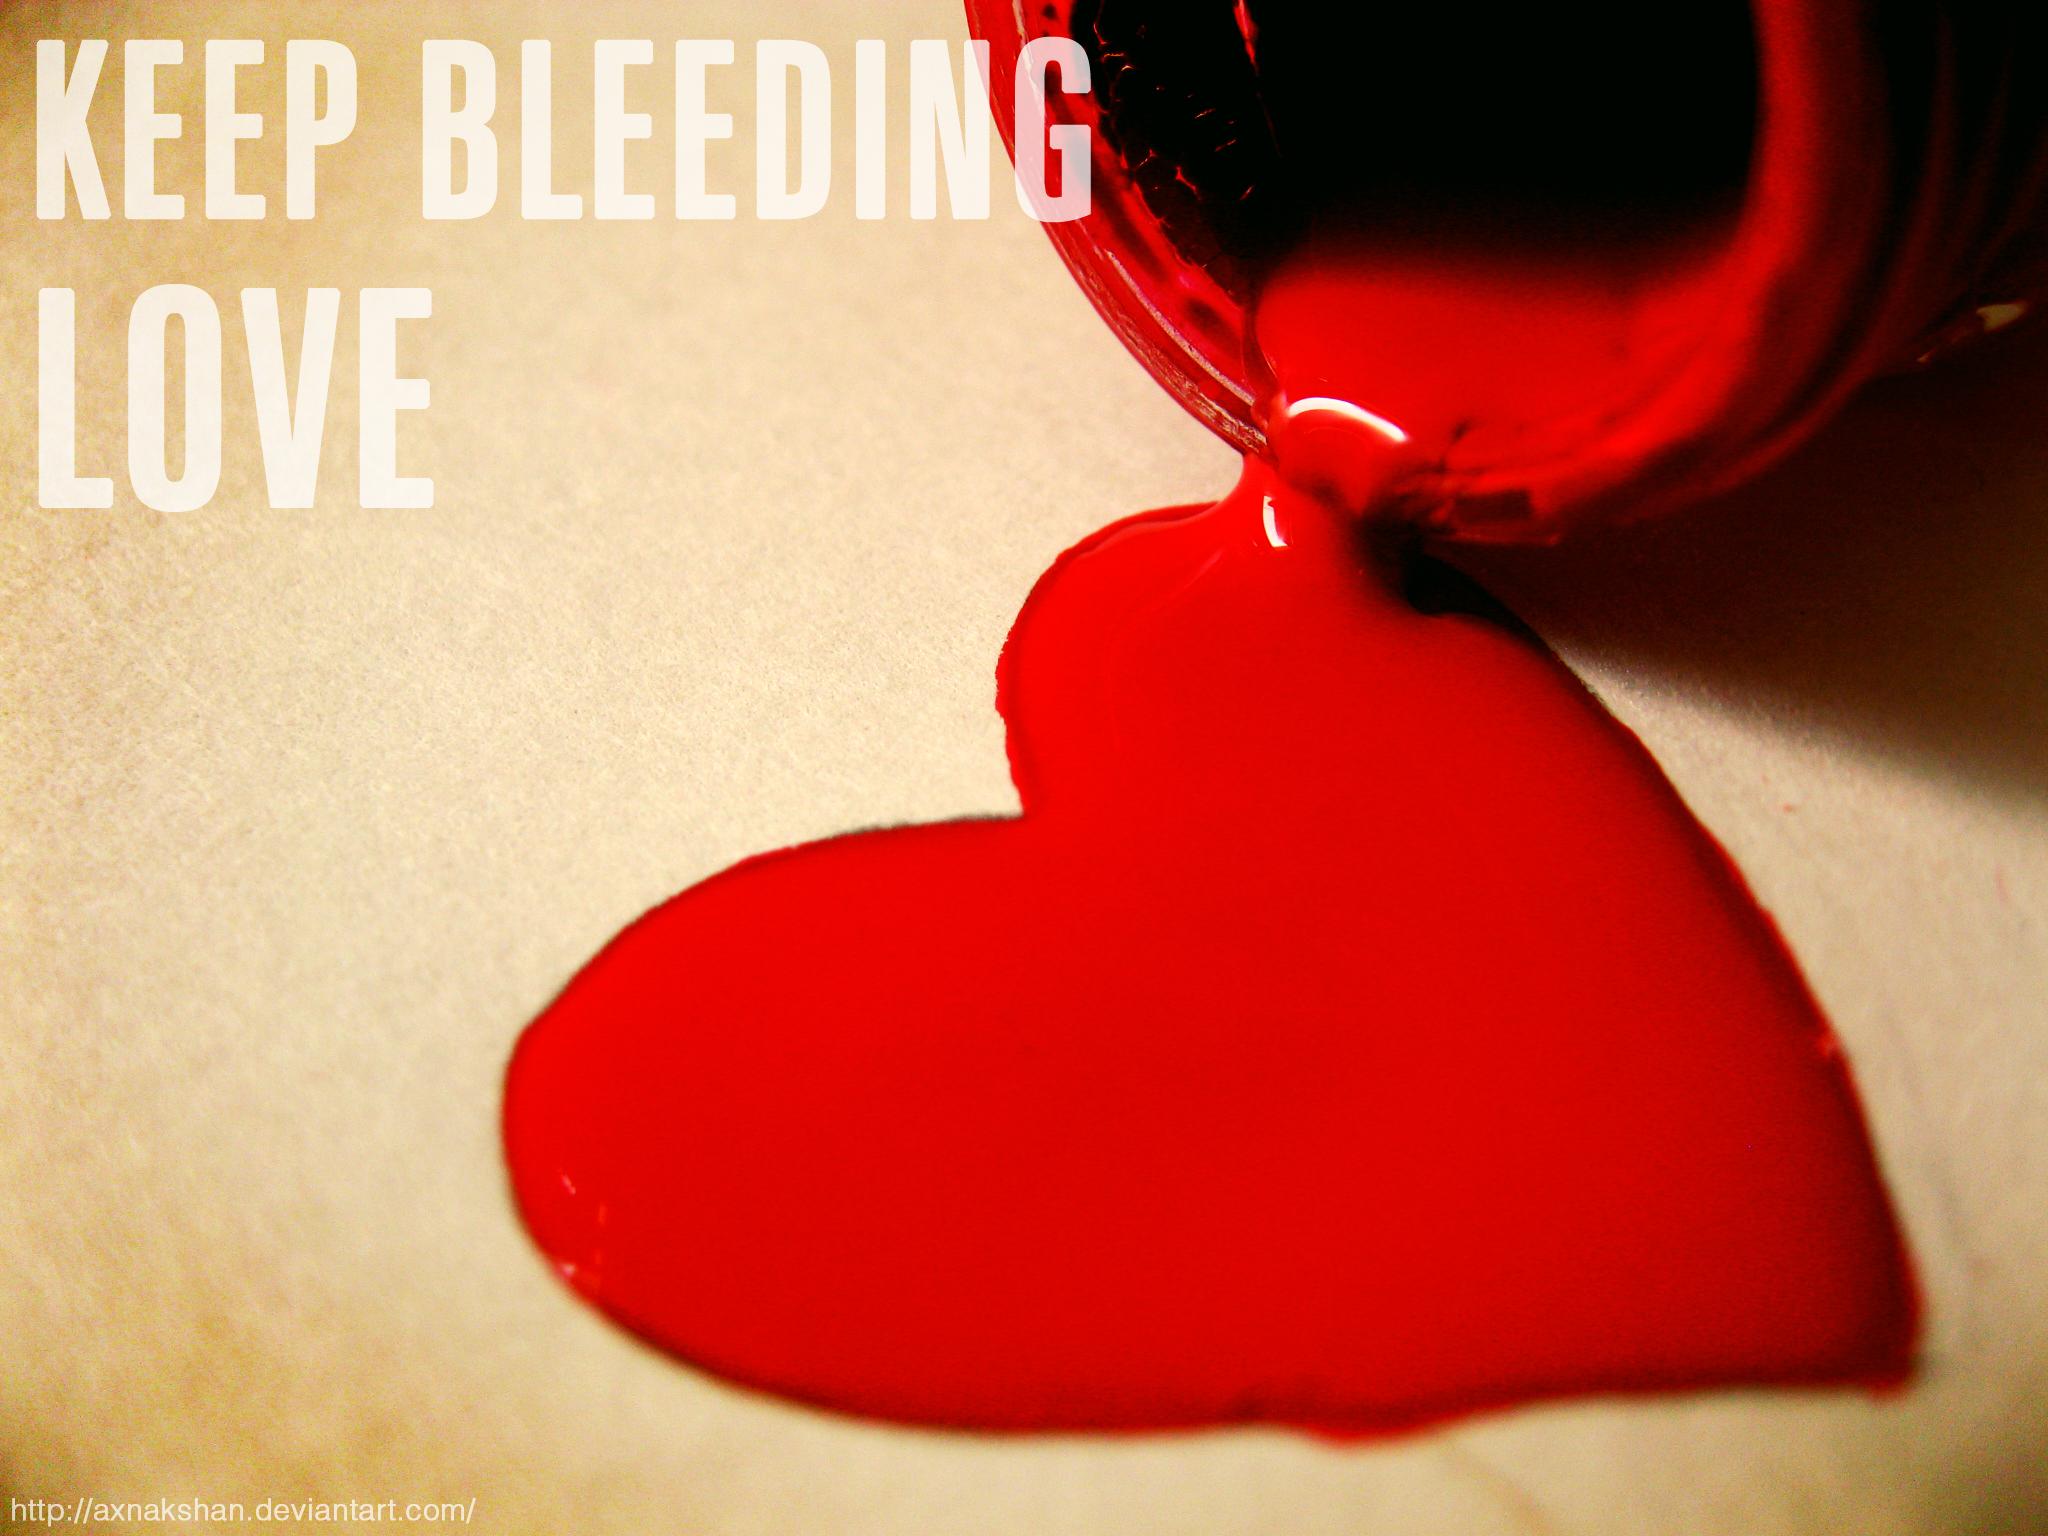 Leona Lewis – Bleeding Love Lyrics | Genius Lyrics